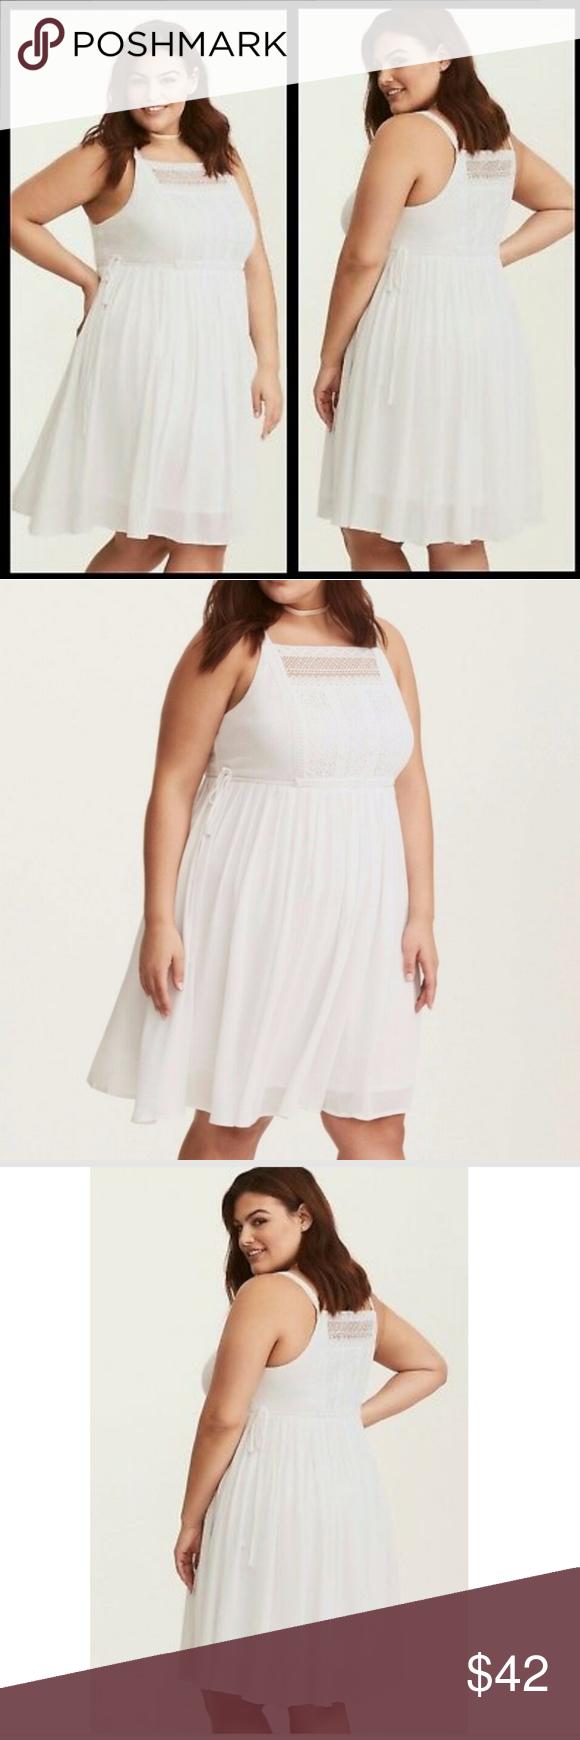 Torrid White Gauze Crochet Inset Skater Dress Skater Dress Dresses Torrid Dresses